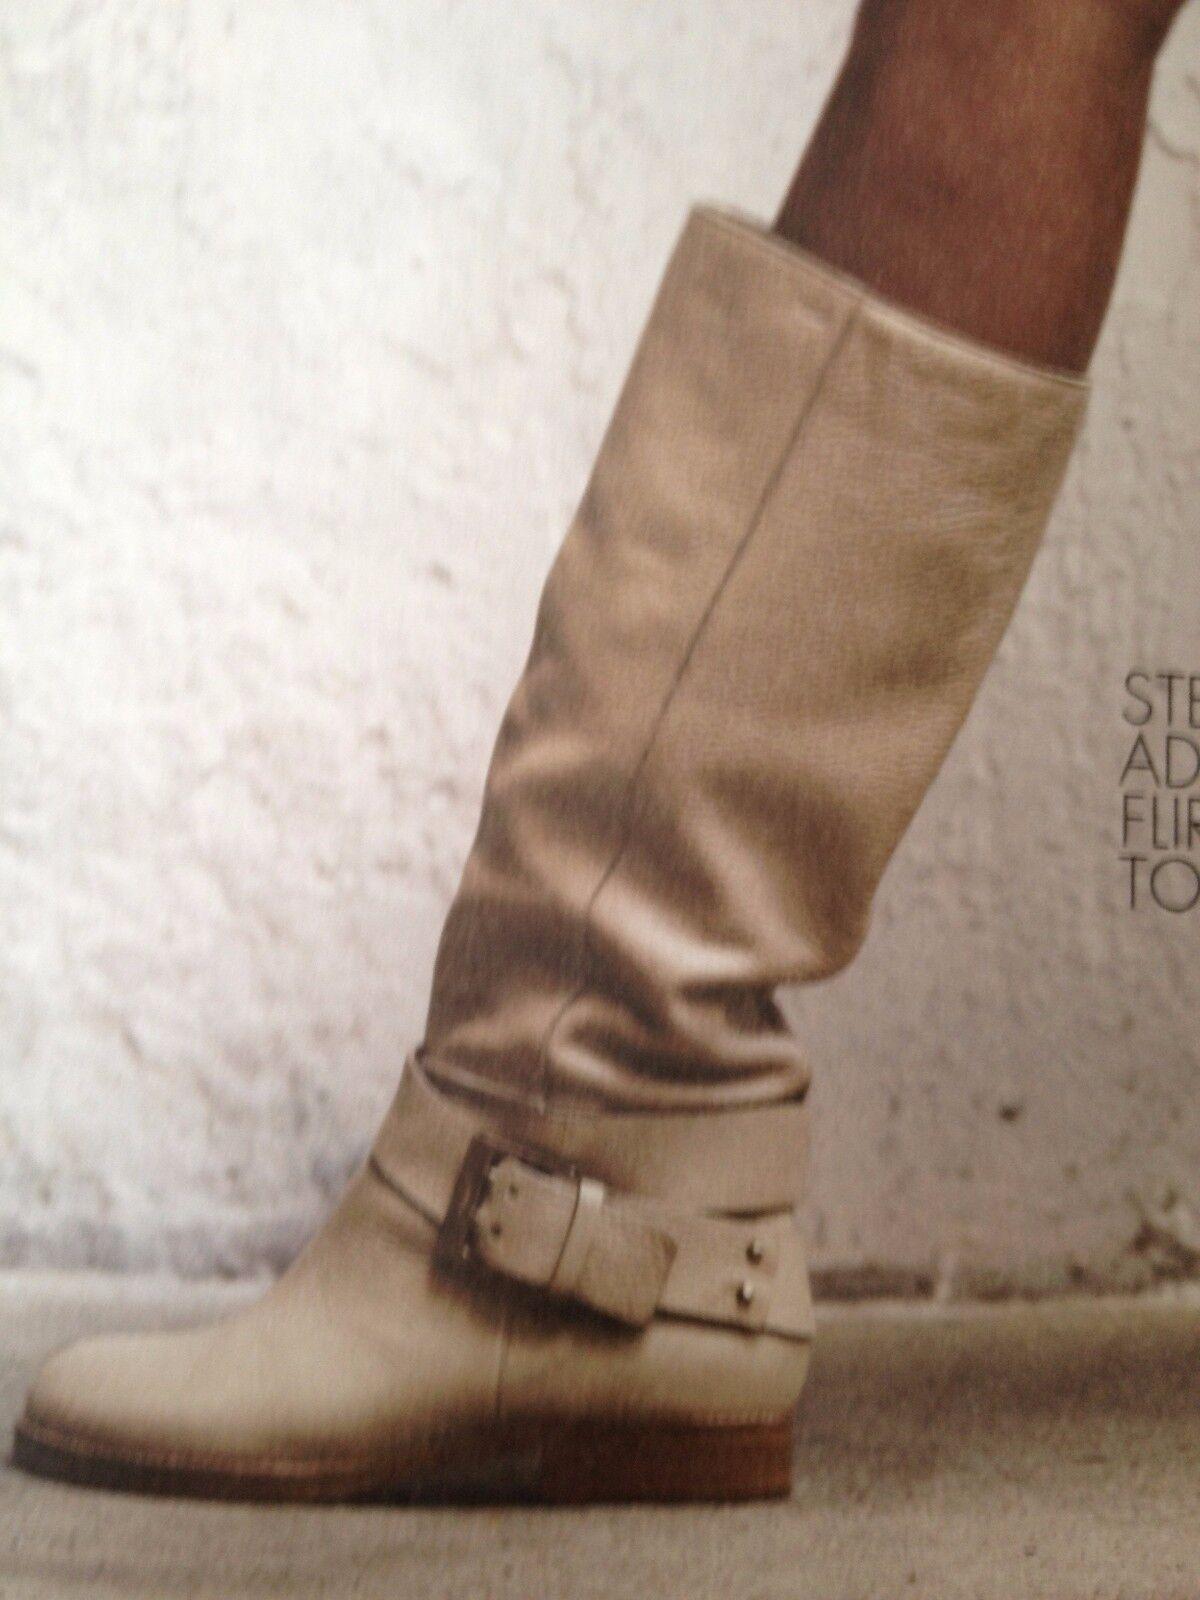 Chloe Erin Prince Cuero Hebilla Knee Knee Knee High Tall Montar botas Planas neutral  1225  tomamos a los clientes como nuestro dios